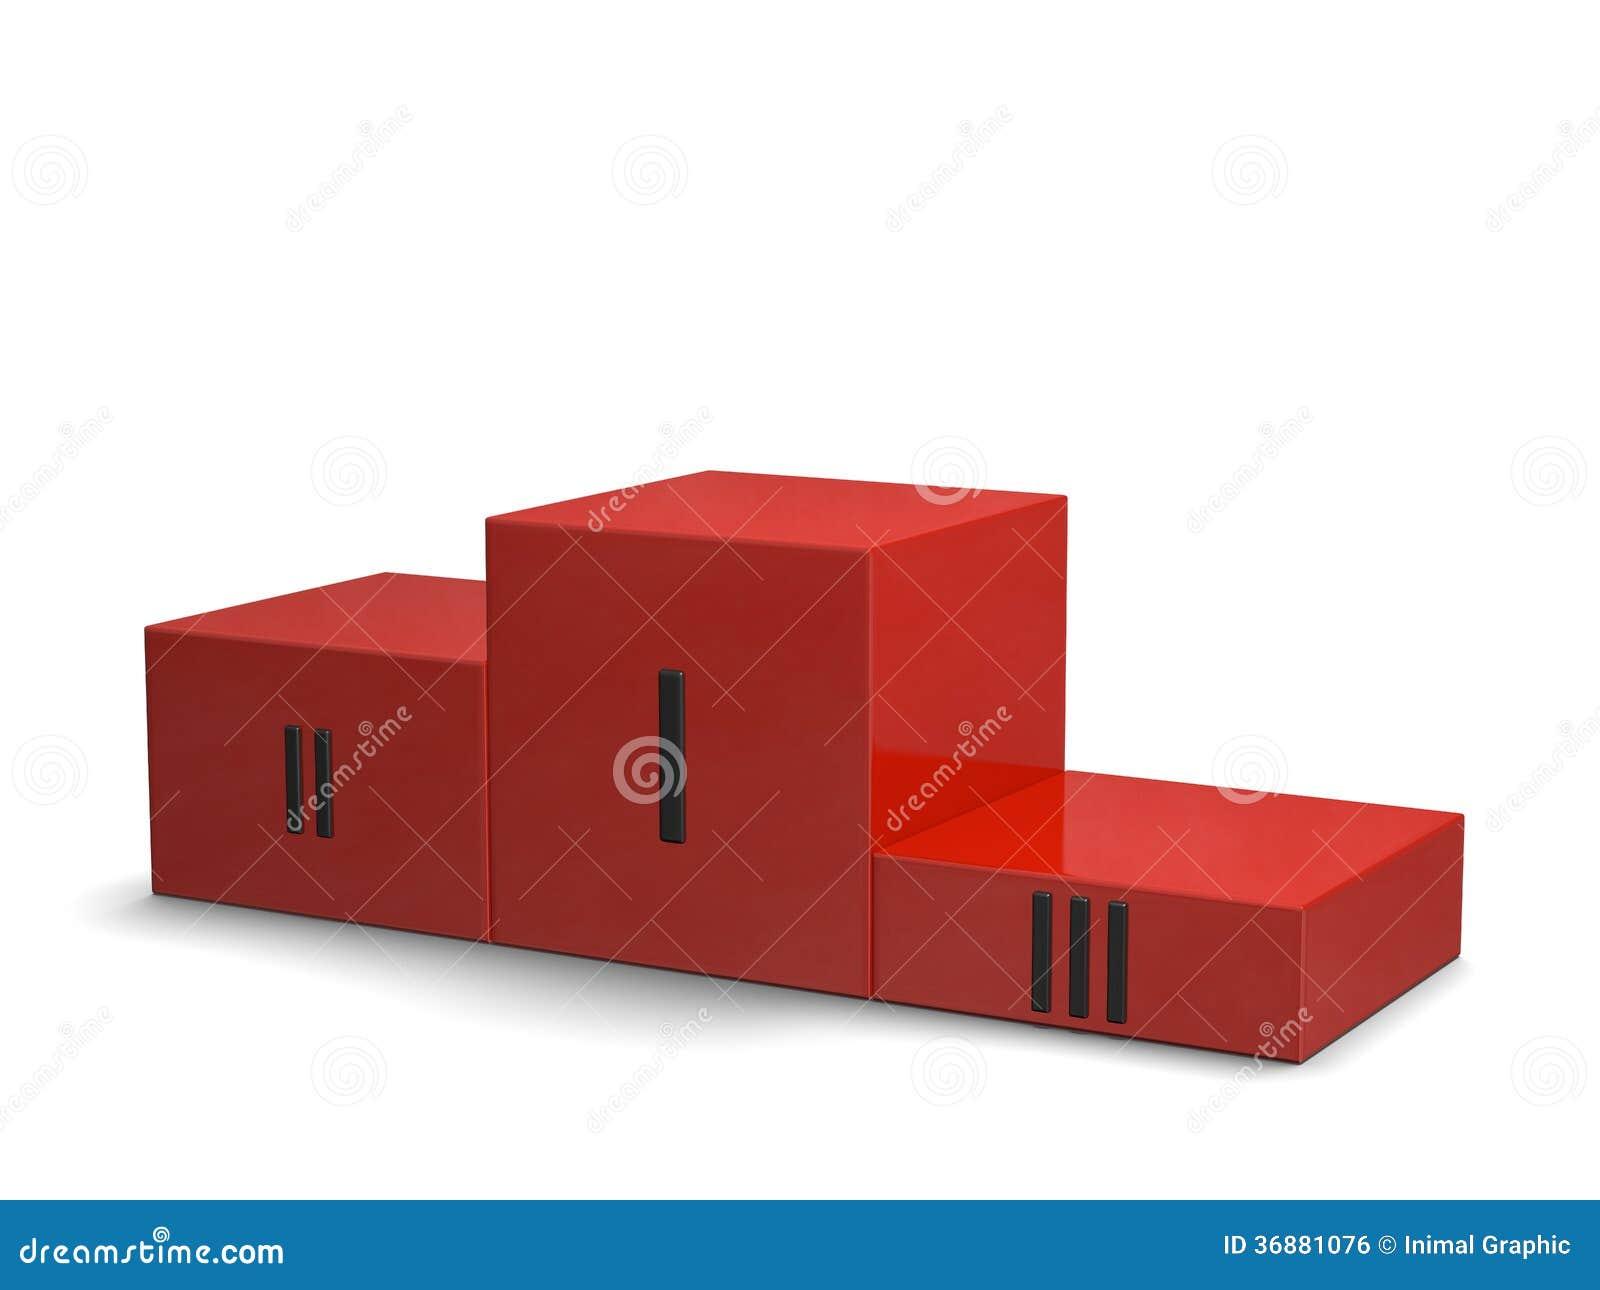 Download Il Rosso Mette In Mostra Il Podio Di Vittoria Con I Numeri Romani Neri Illustrazione di Stock - Illustrazione di eccellente, concorrenza: 36881076